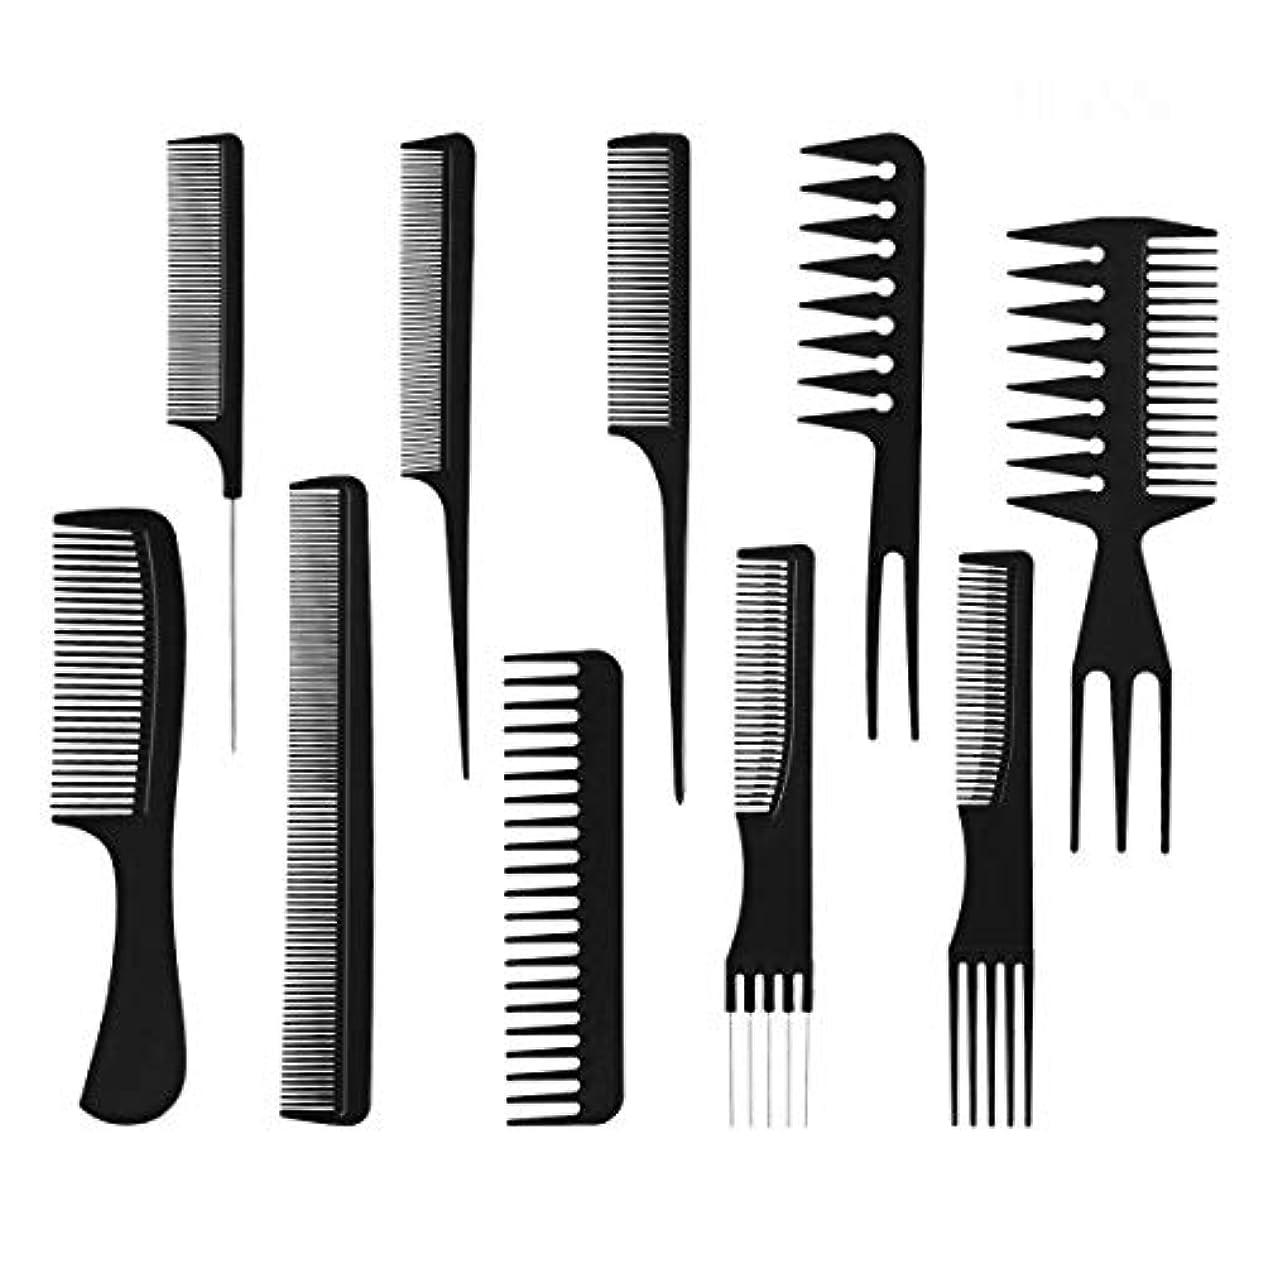 統治する東方牛肉ZHER-LU ヘアブラシ ヘアコーム 髪櫛 プラスチック 理髪道具 美容ツール 美髪セット 美容 理容 散髪 美容師 専用 家庭用 静電気防止 ブラック 10本セット